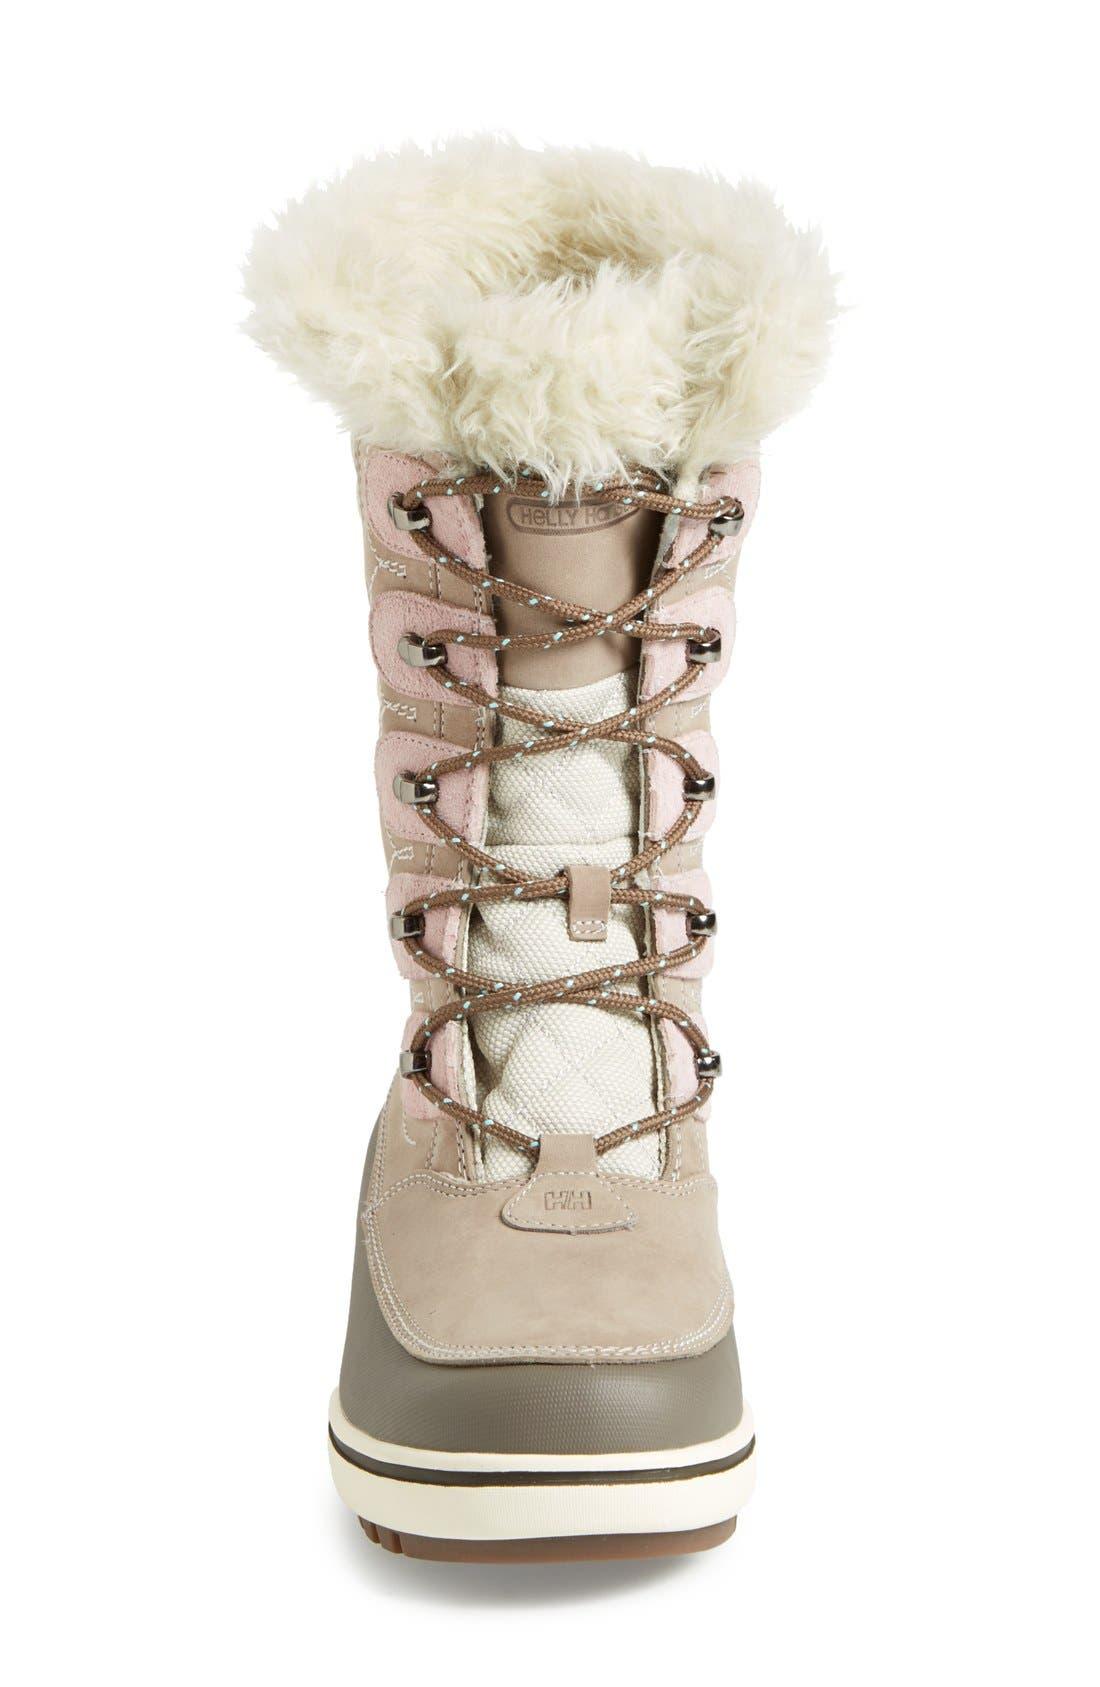 'Garibaldi' Waterproof Snow Boot,                             Alternate thumbnail 3, color,                             097